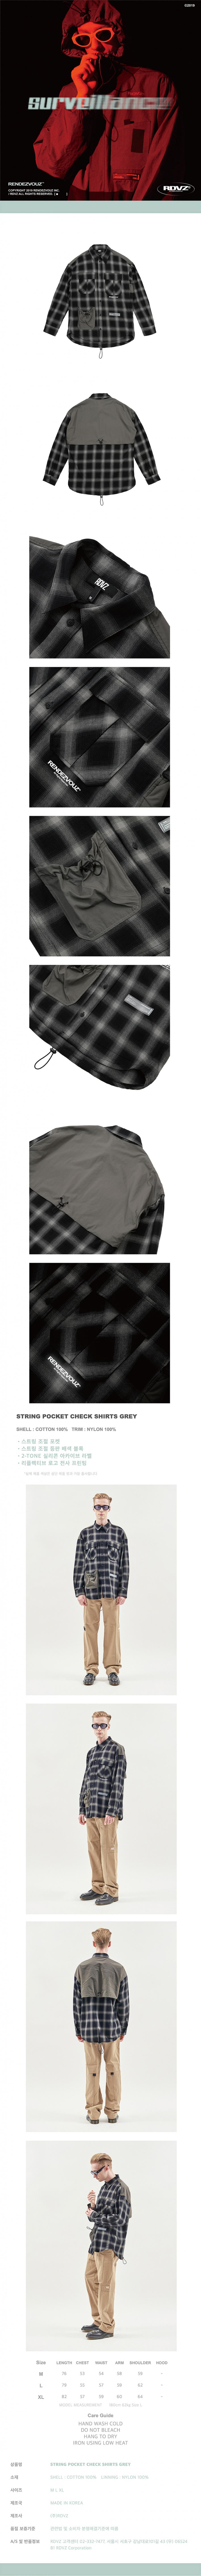 알디브이제트(RDVZ) 스트링 포켓 체크 셔츠 그레이